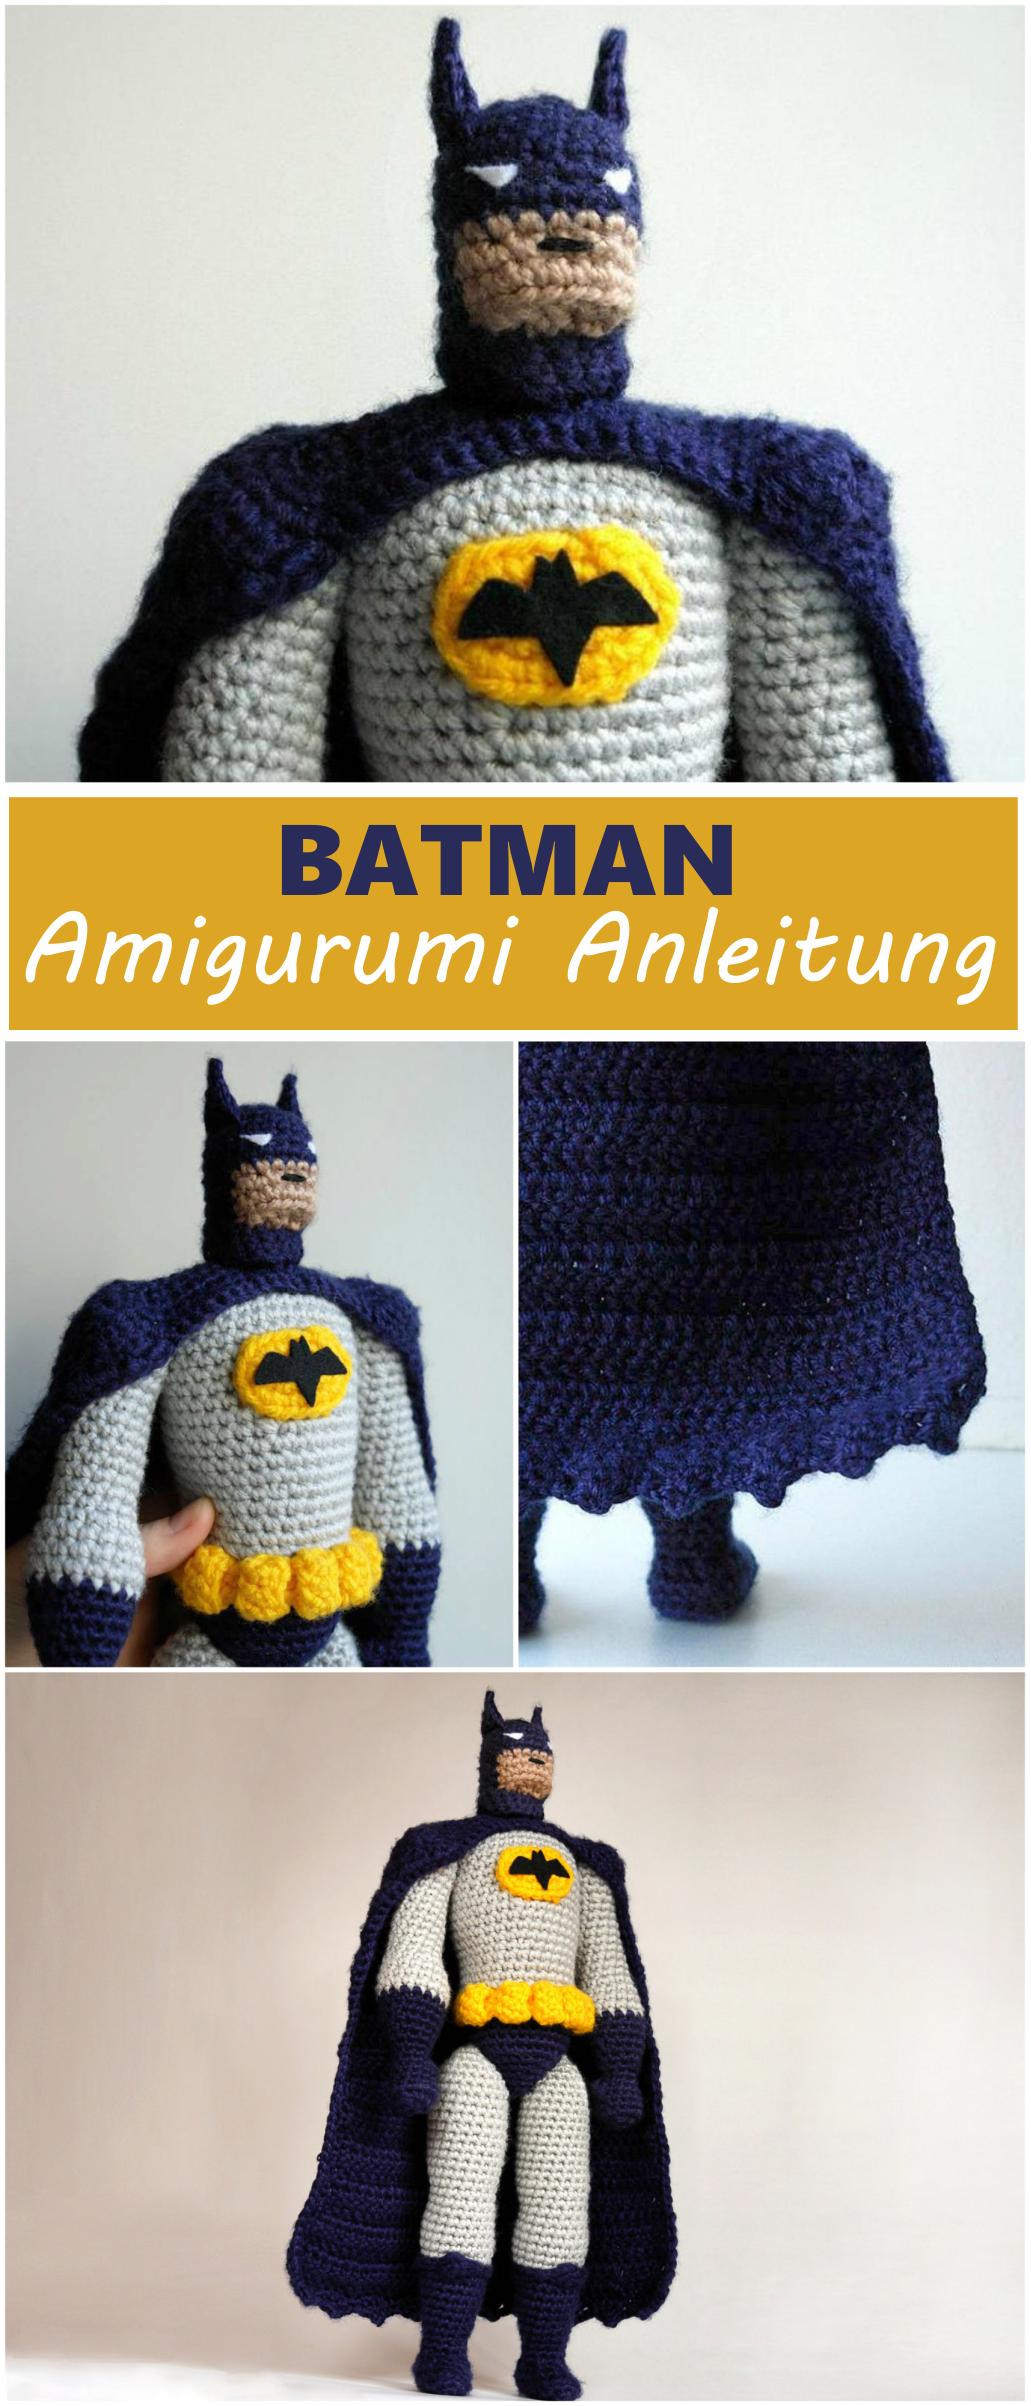 Batman Amigurumi Häkelanleitung Auf Deutsch Und Englisch